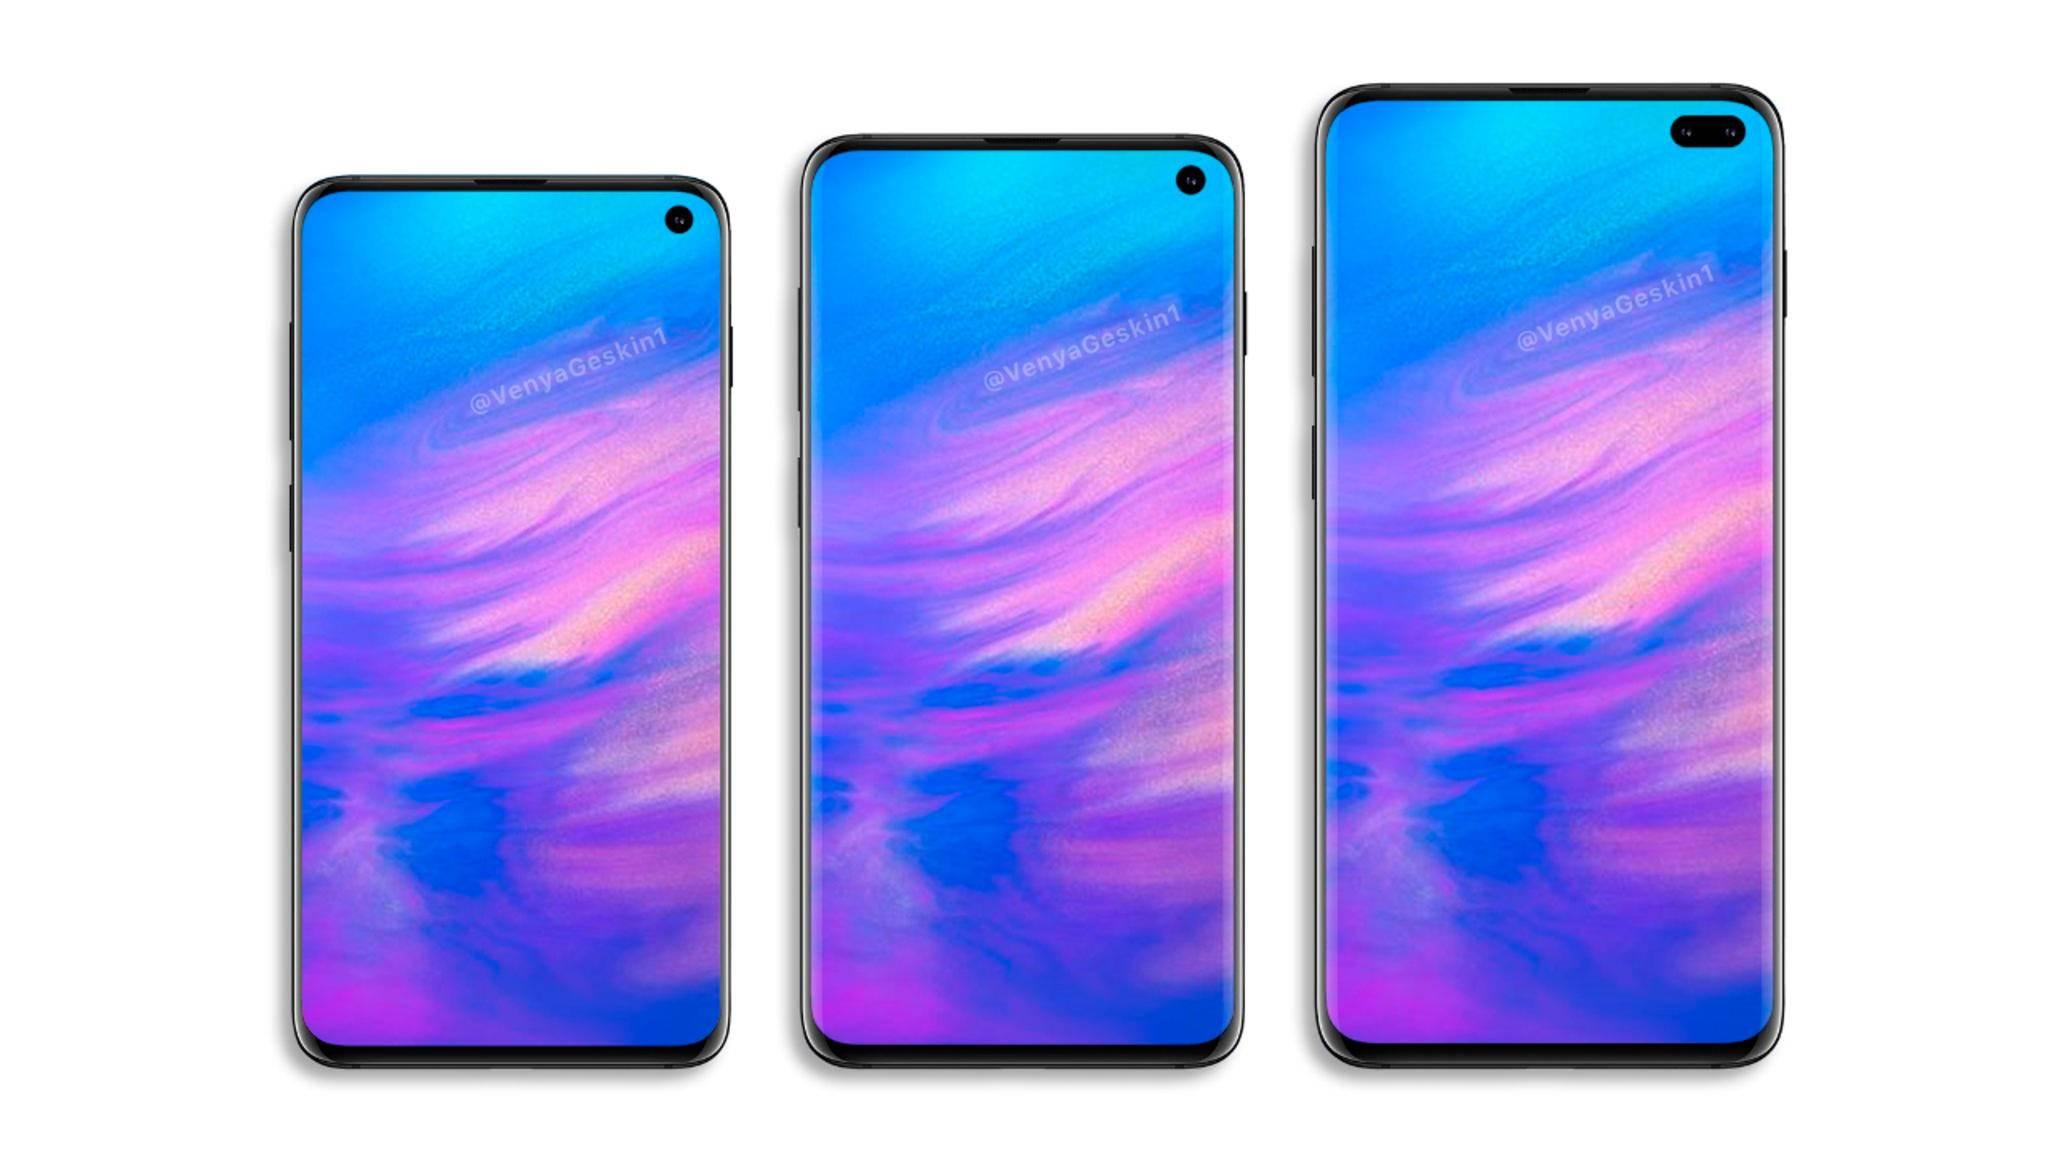 Das Galaxy S10 (Renderkonzept) soll angeblich in drei Versionen erscheinen.